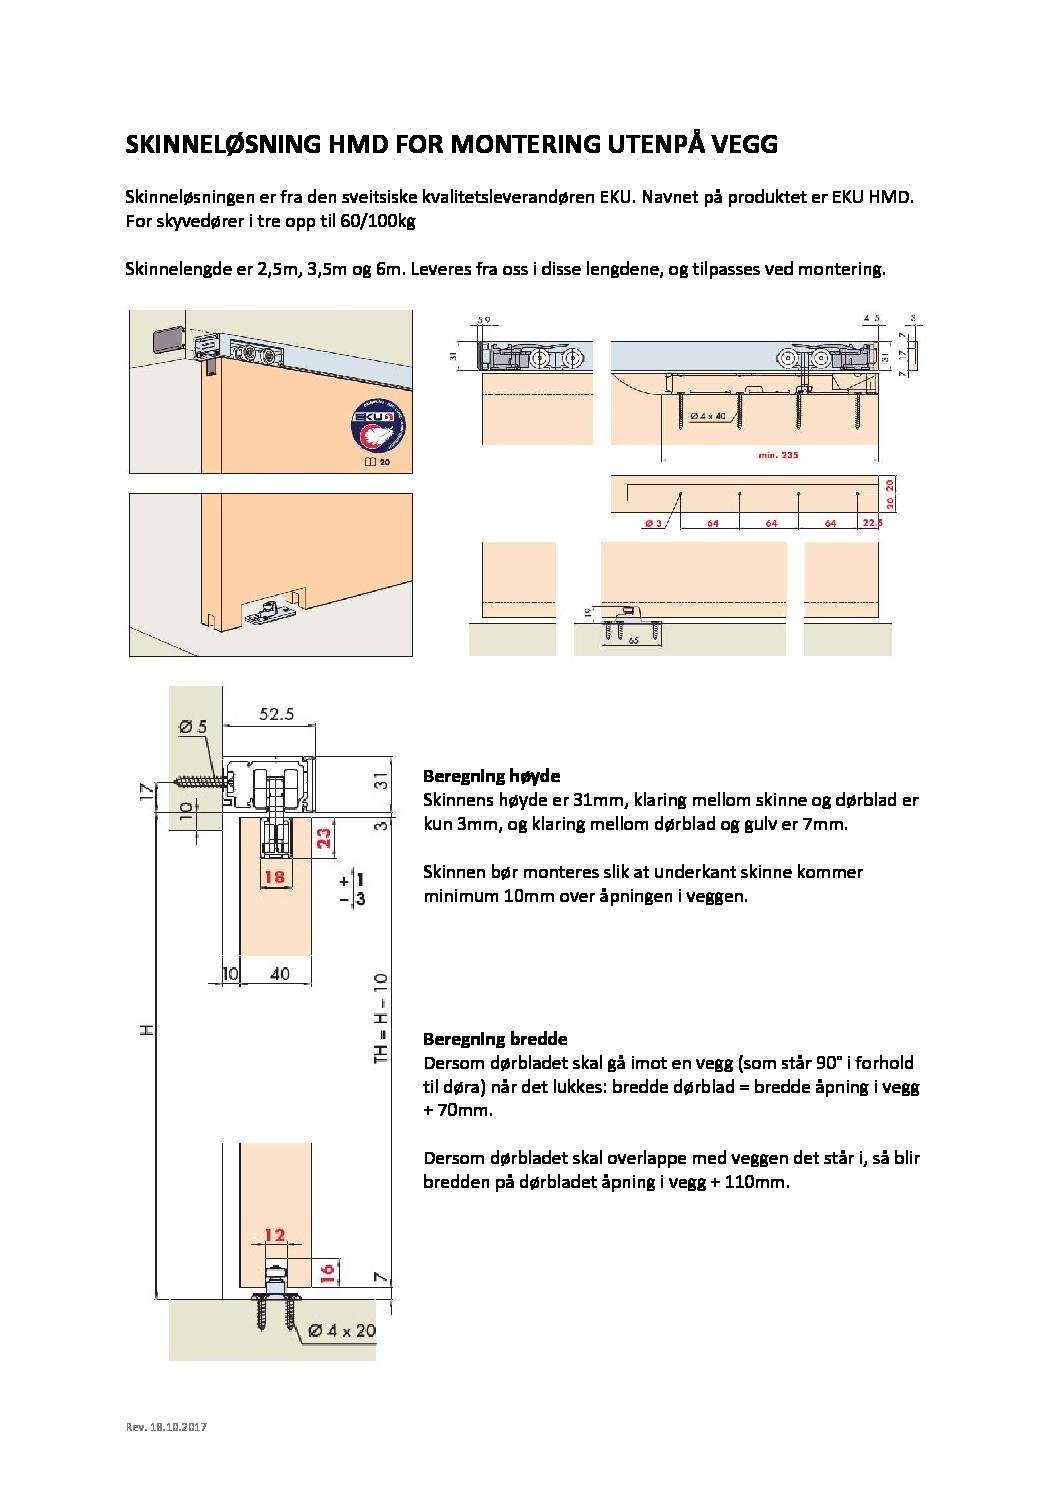 EKU HMD for utenpaliggende montering pdf - Utenpåliggende skyvedør